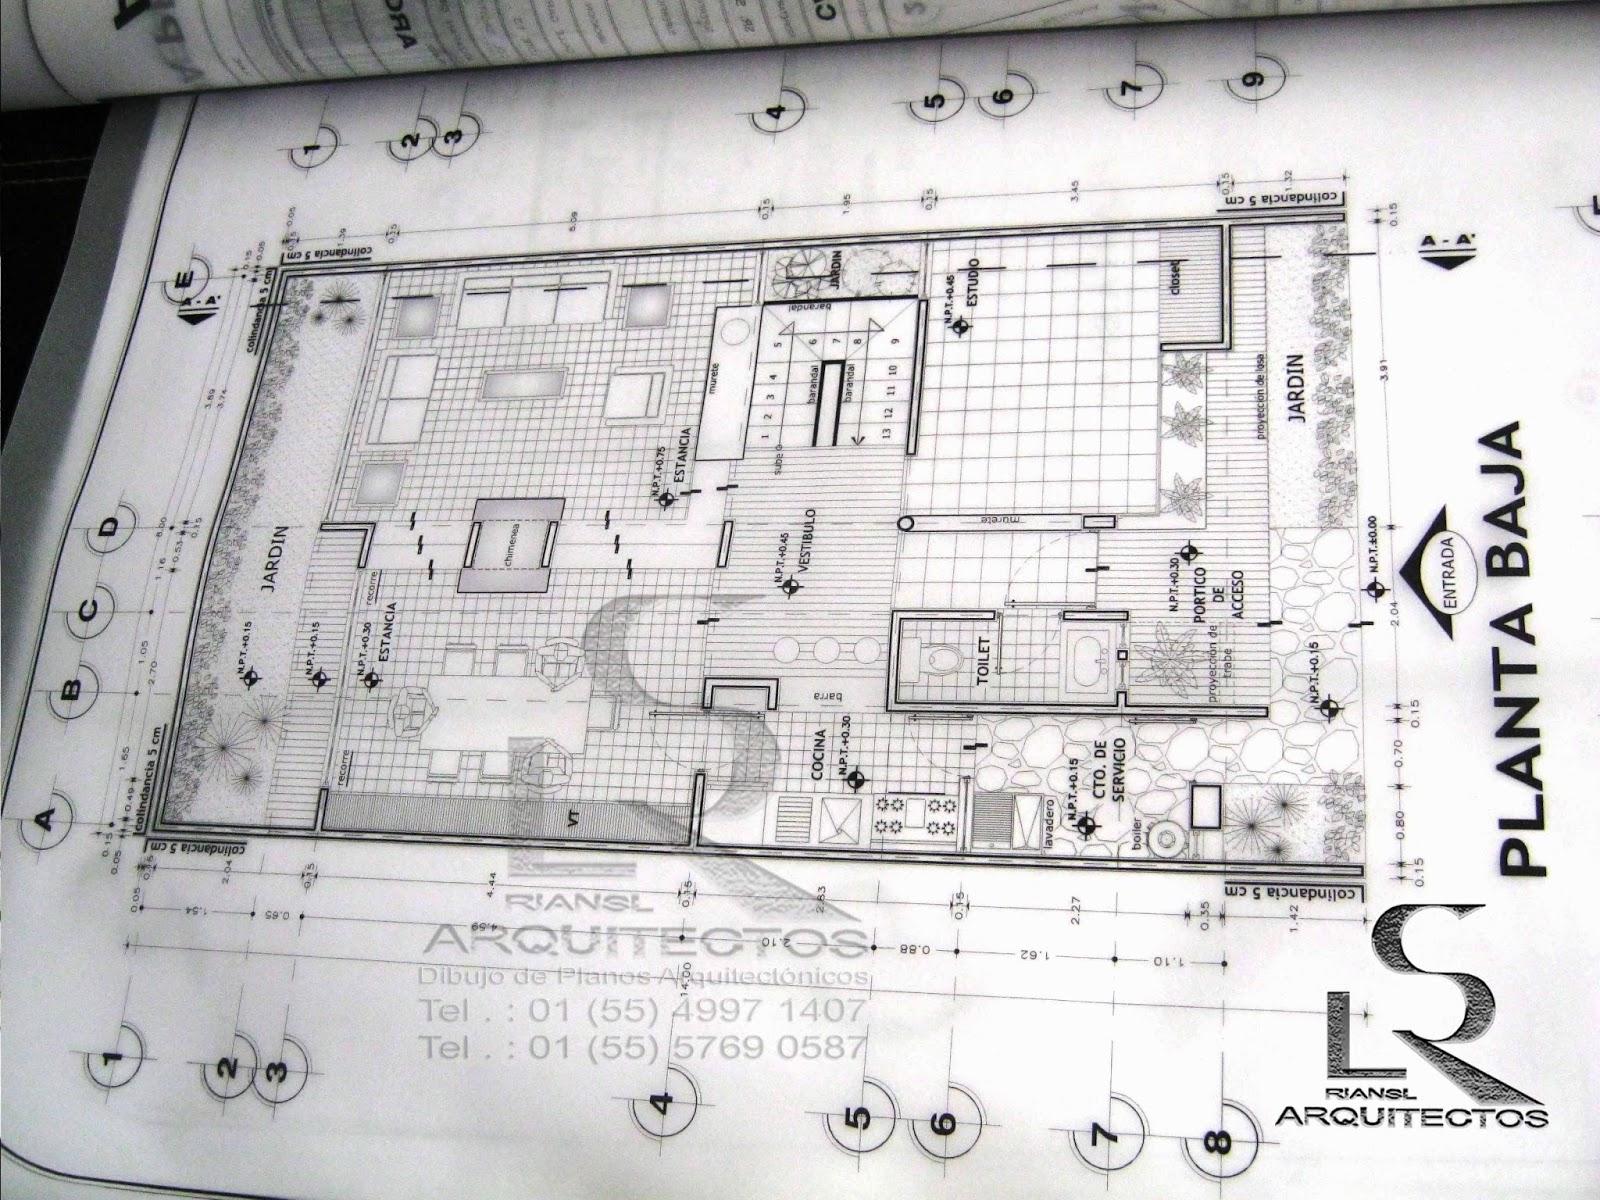 Arq rigoberto s nchez especialista en dibujo de planos for Niveles en planos arquitectonicos